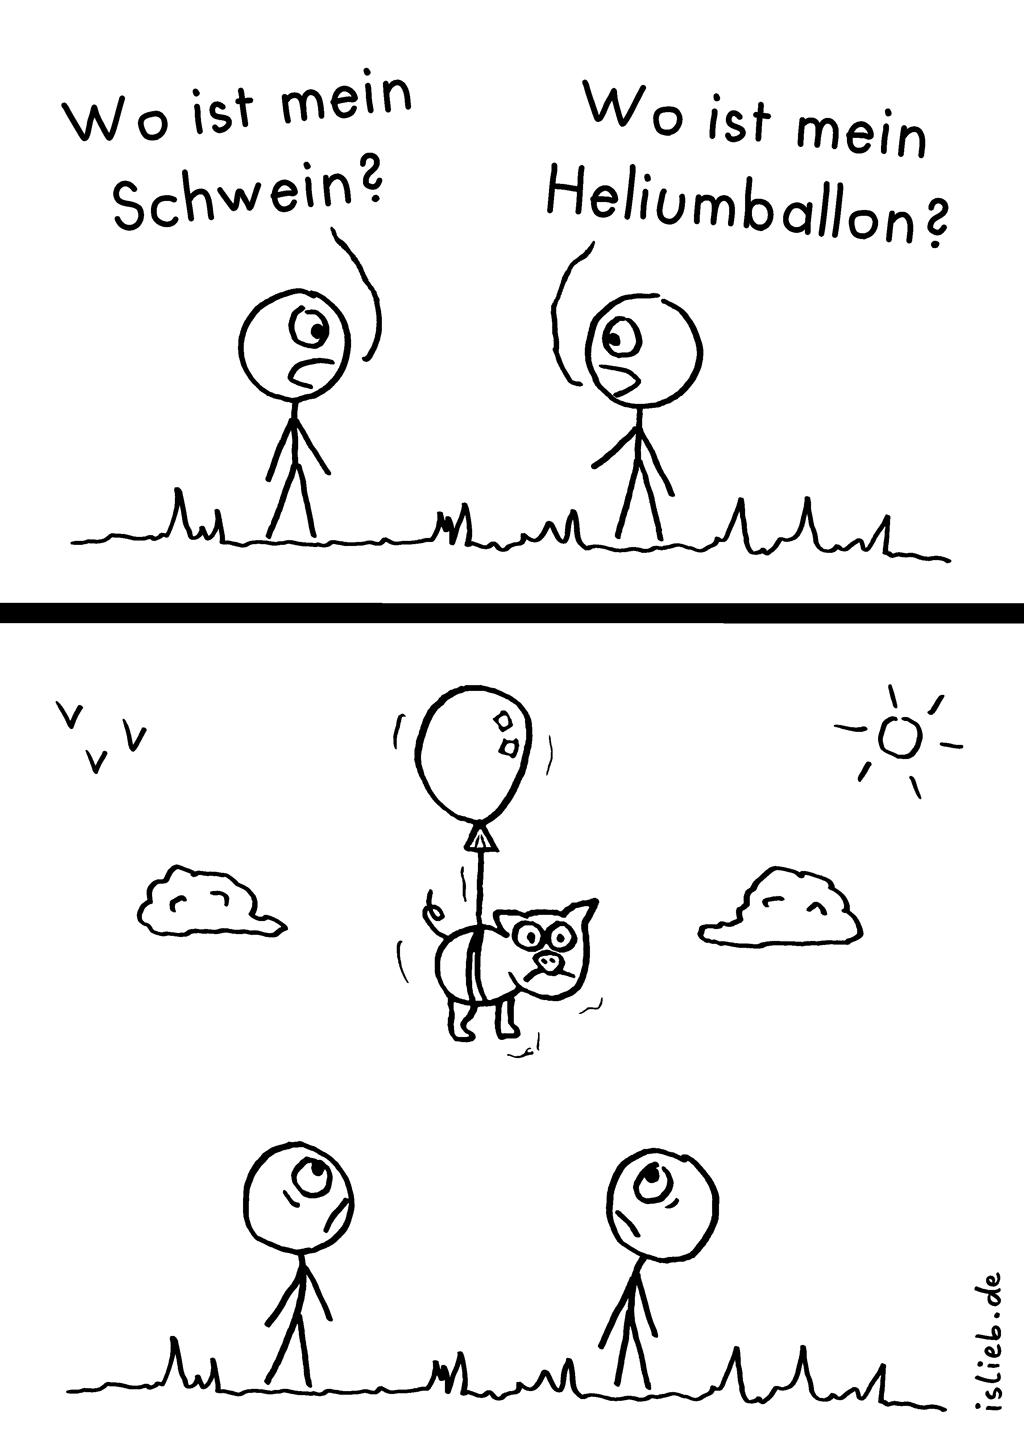 Schweinerei | Strichmännchen-Comic | is lieb? | Wo ist mein Schwein? Wo ist mein Heliumballon? | Ballong, Luftballon, fliegen, verloren